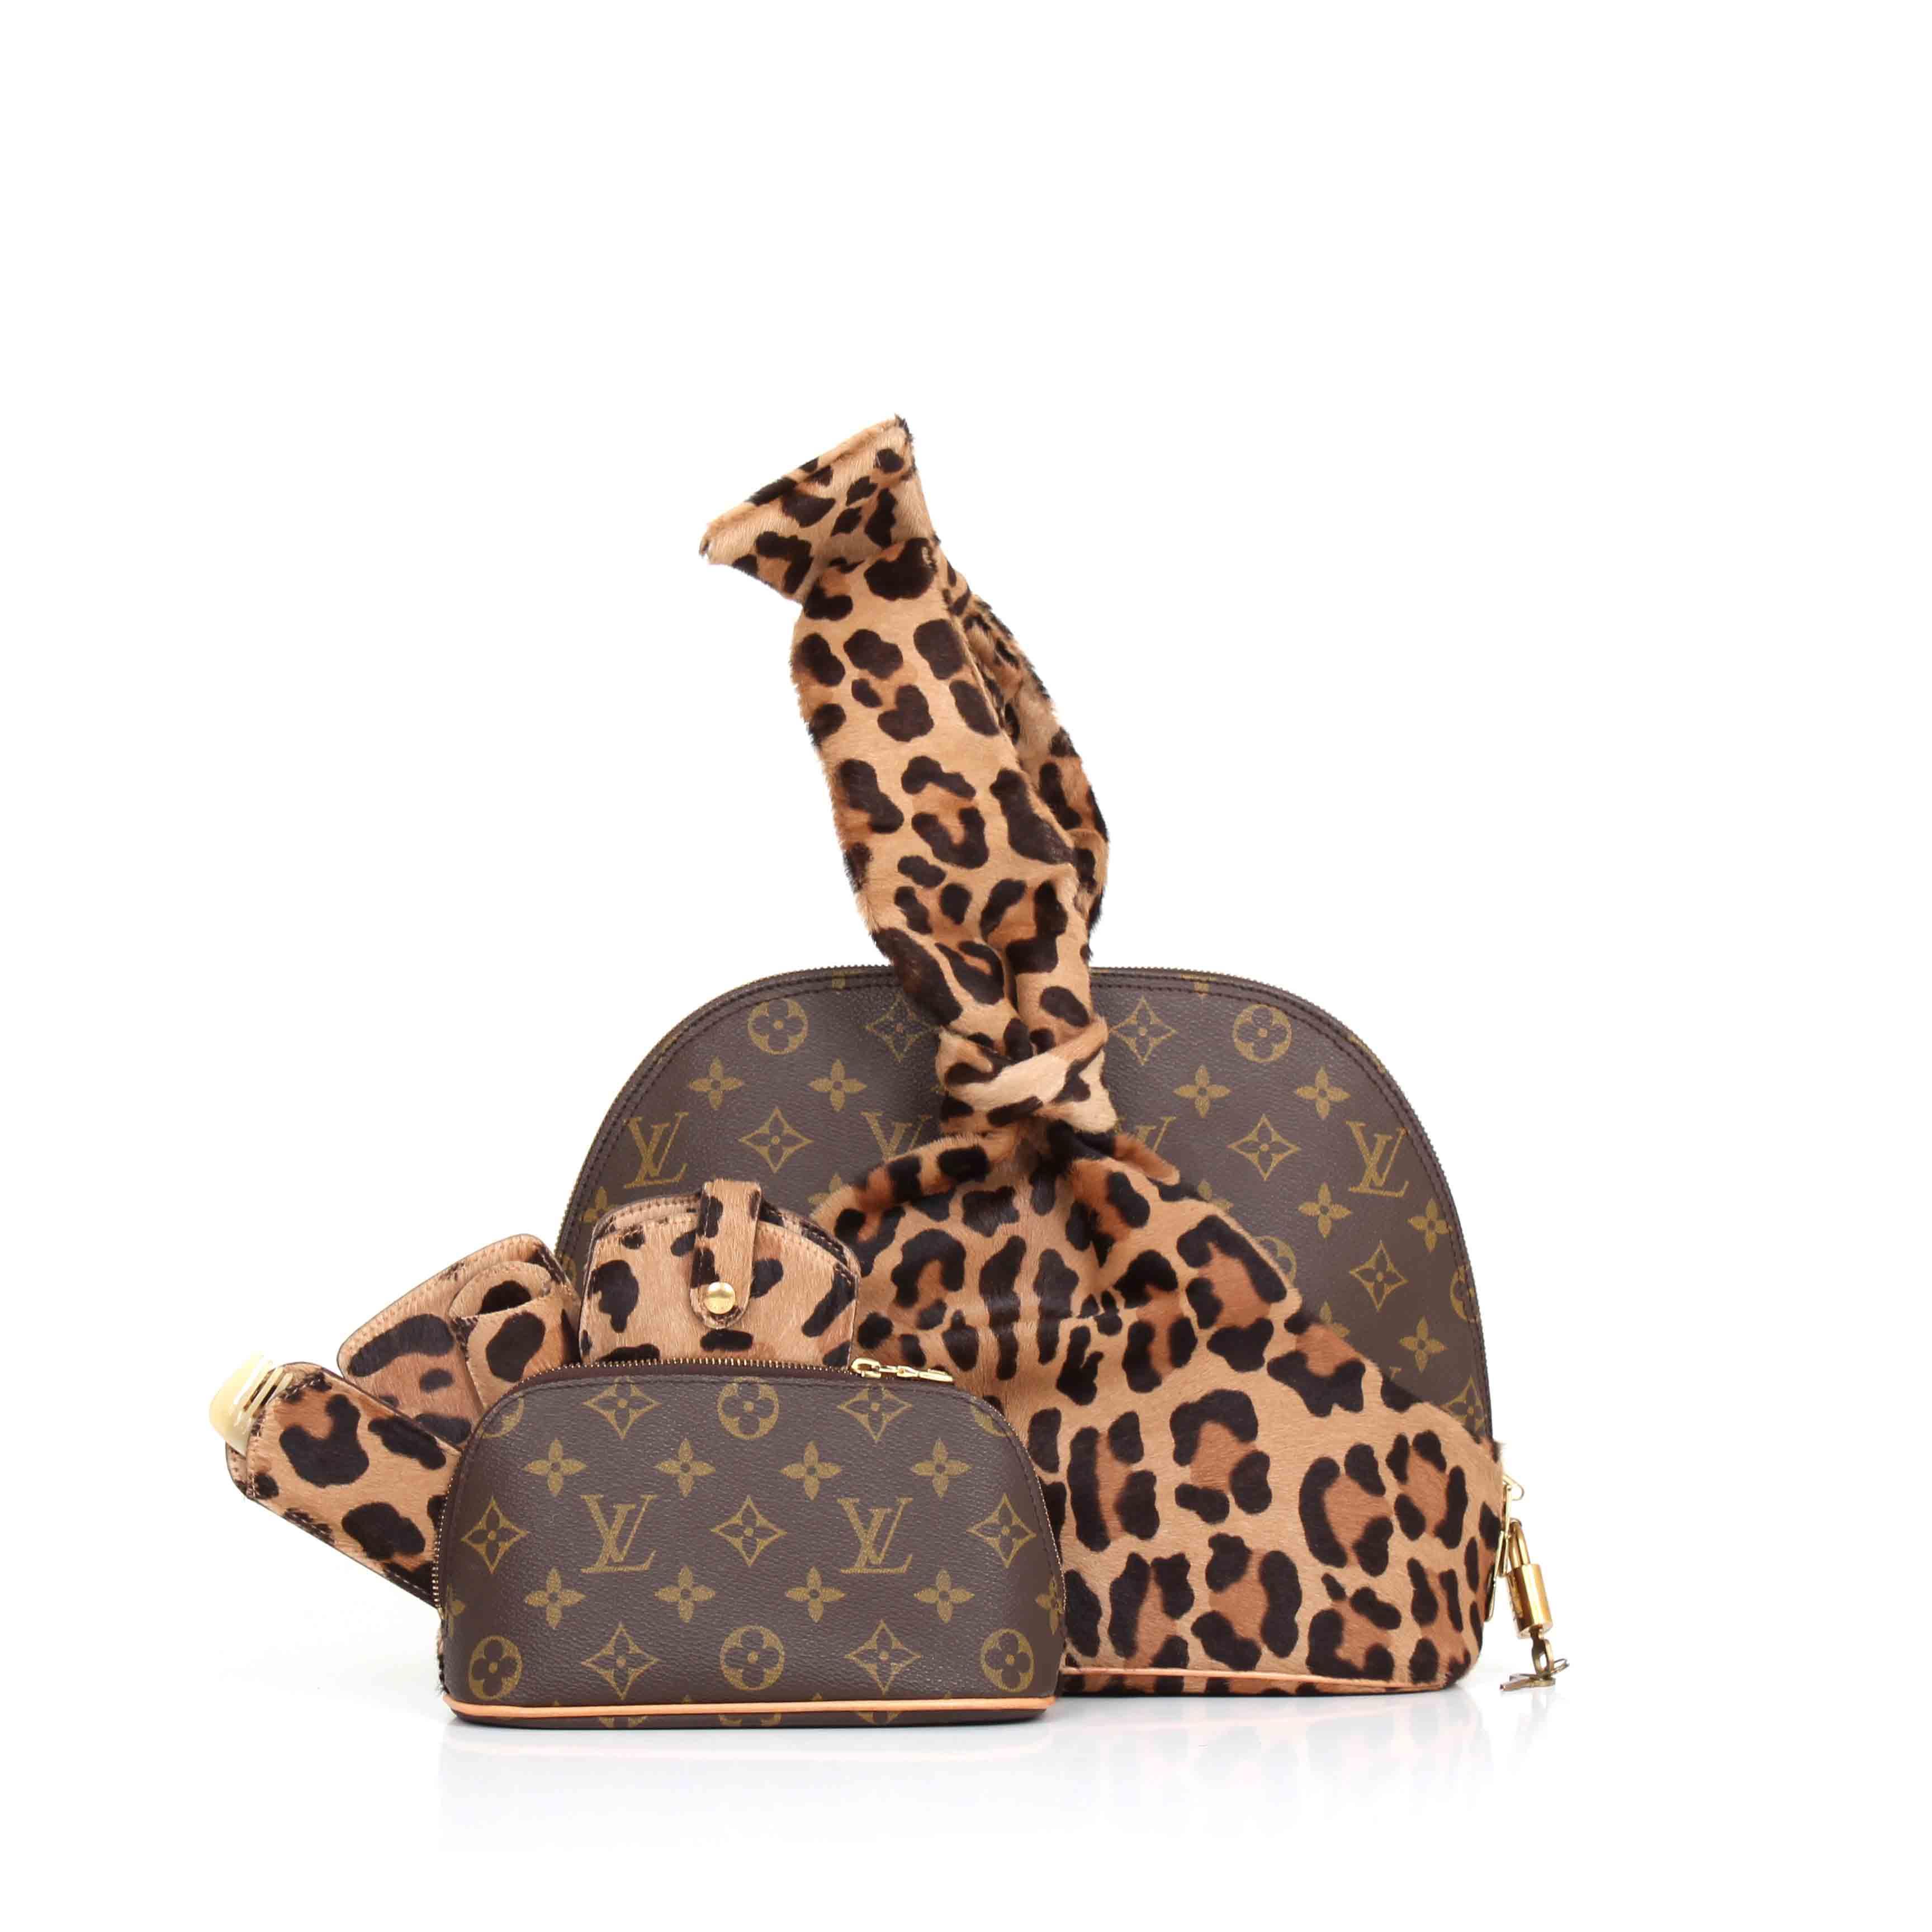 3b7004938e0c Source · Louis Vuitton Azzedine Ala a Alma Bag CBL Bags